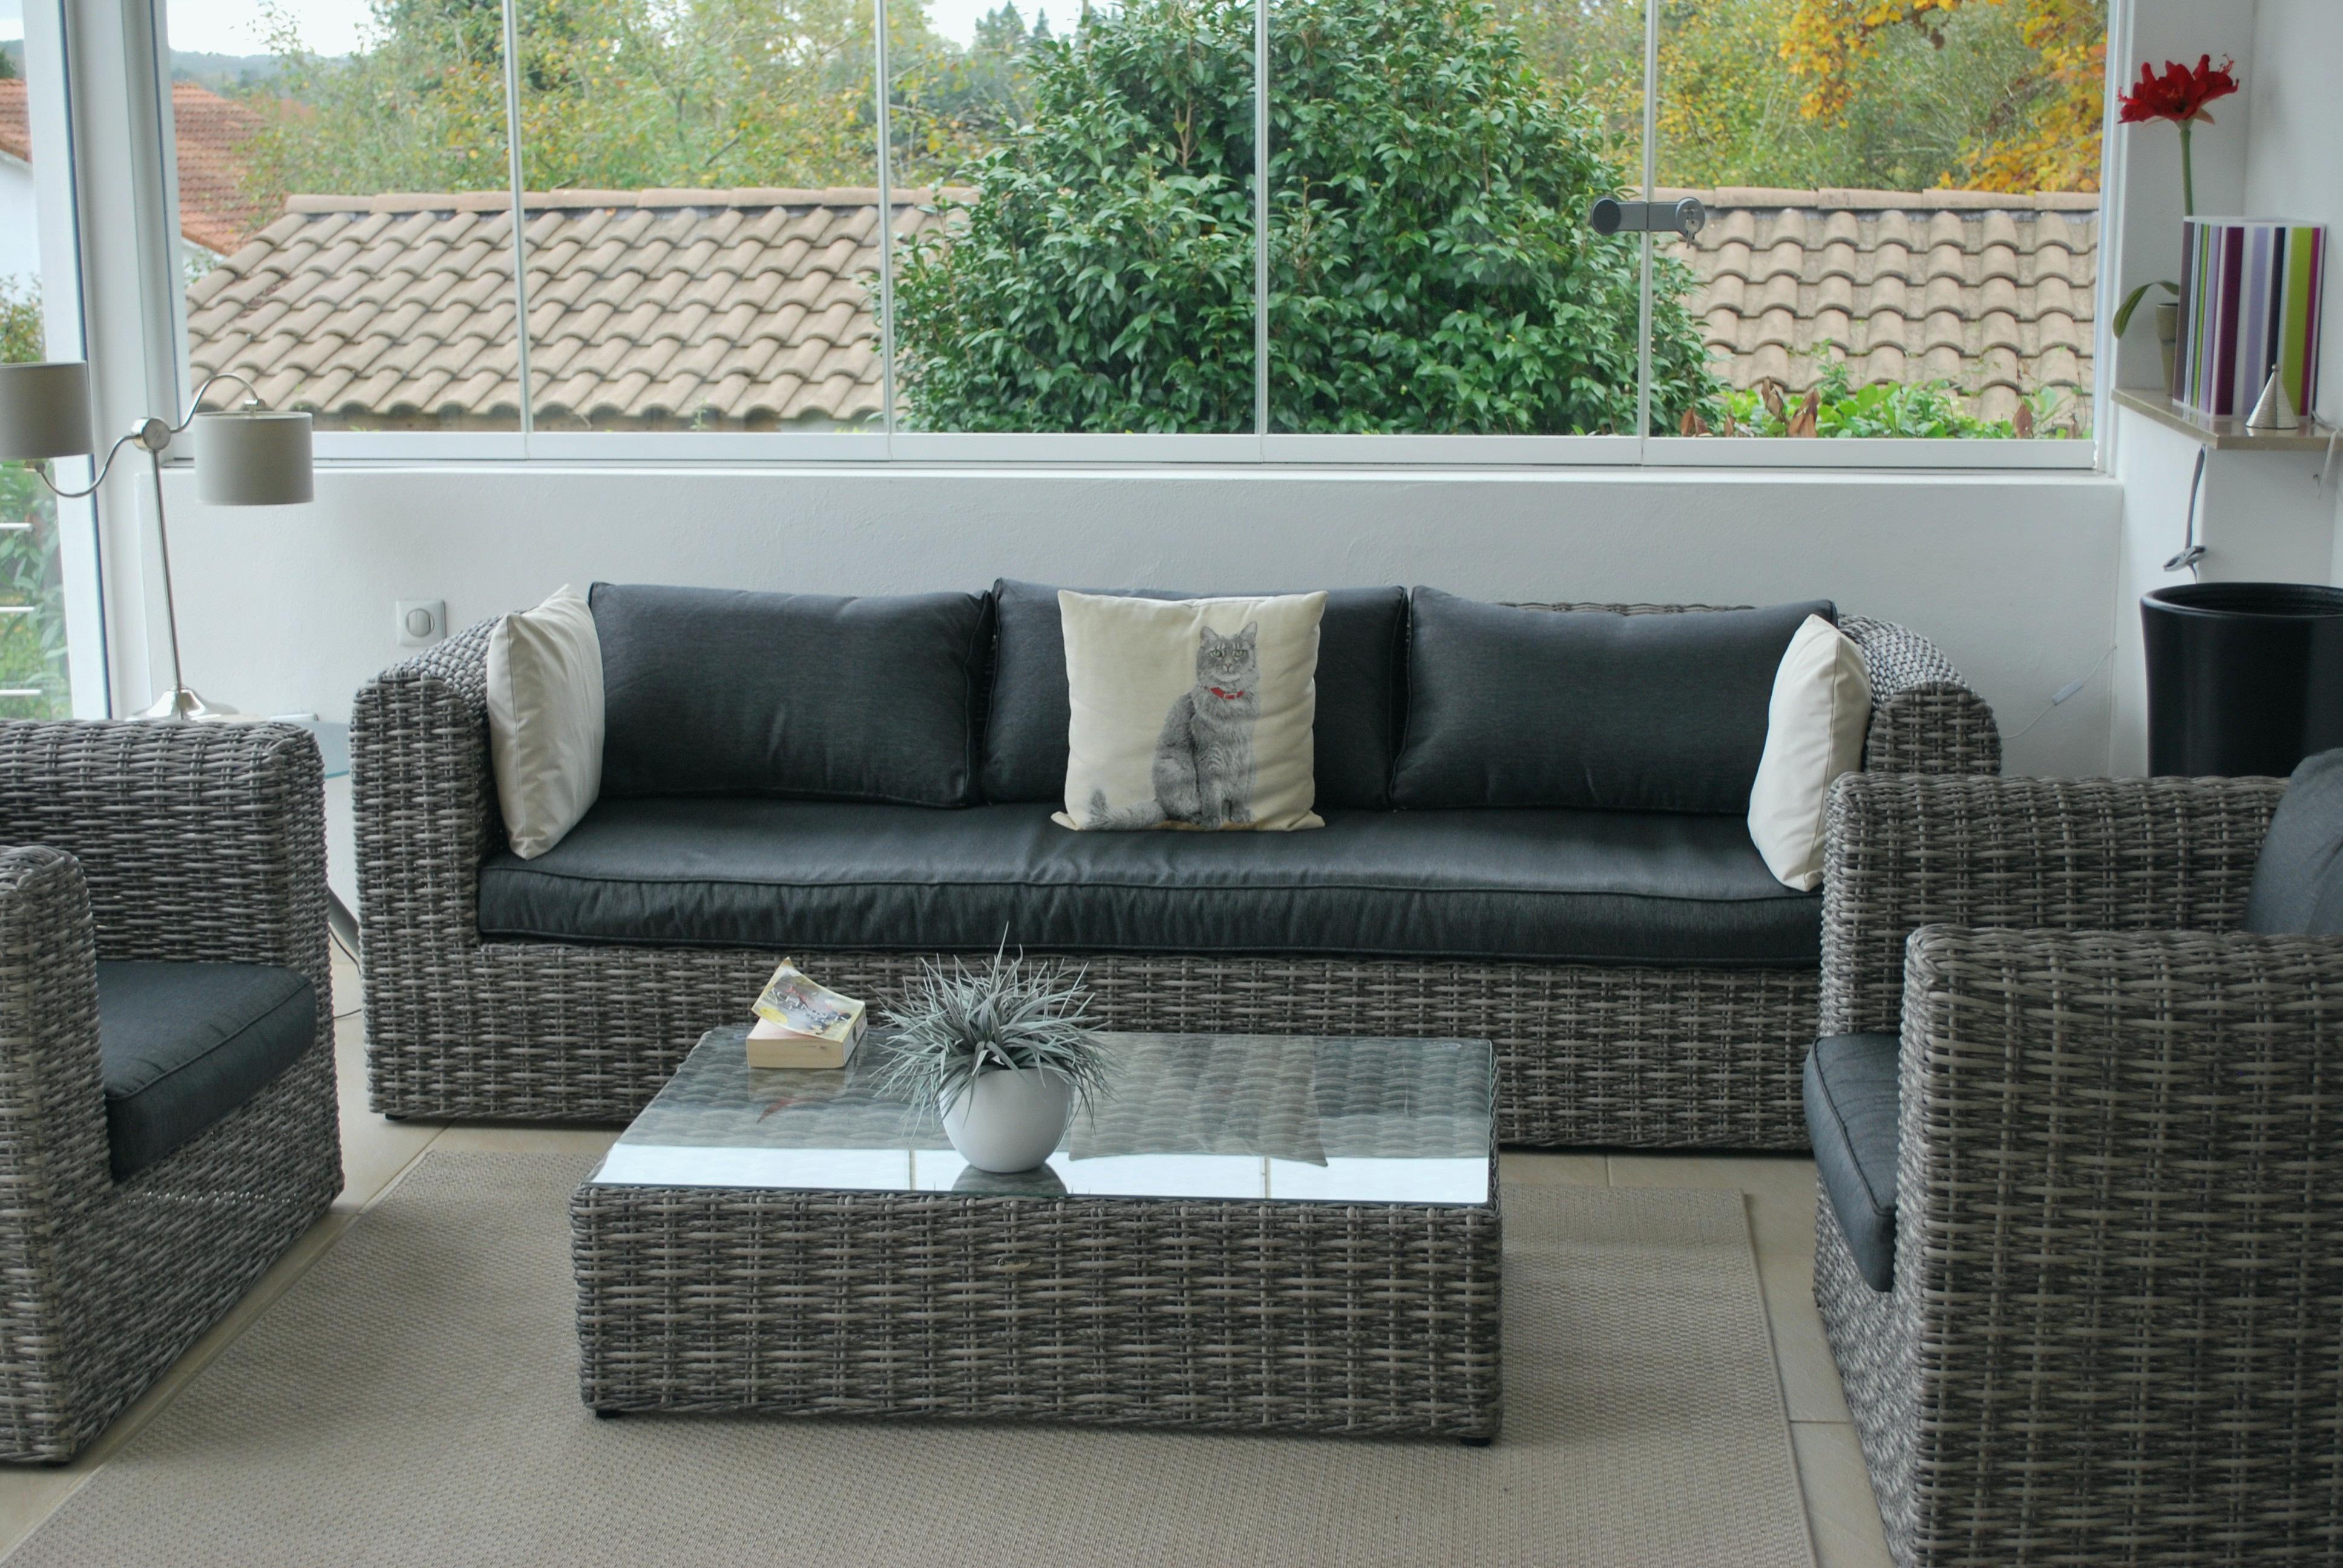 Table Et Chaises De Jardin Super U | Chaise De Jardin Super U